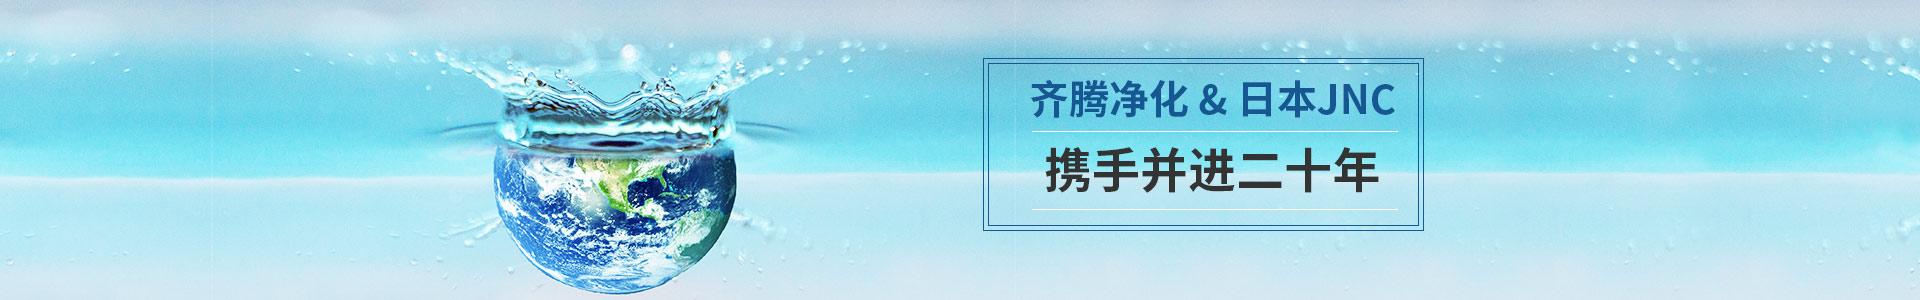 齐腾净化&日本JNC携手并进二十年